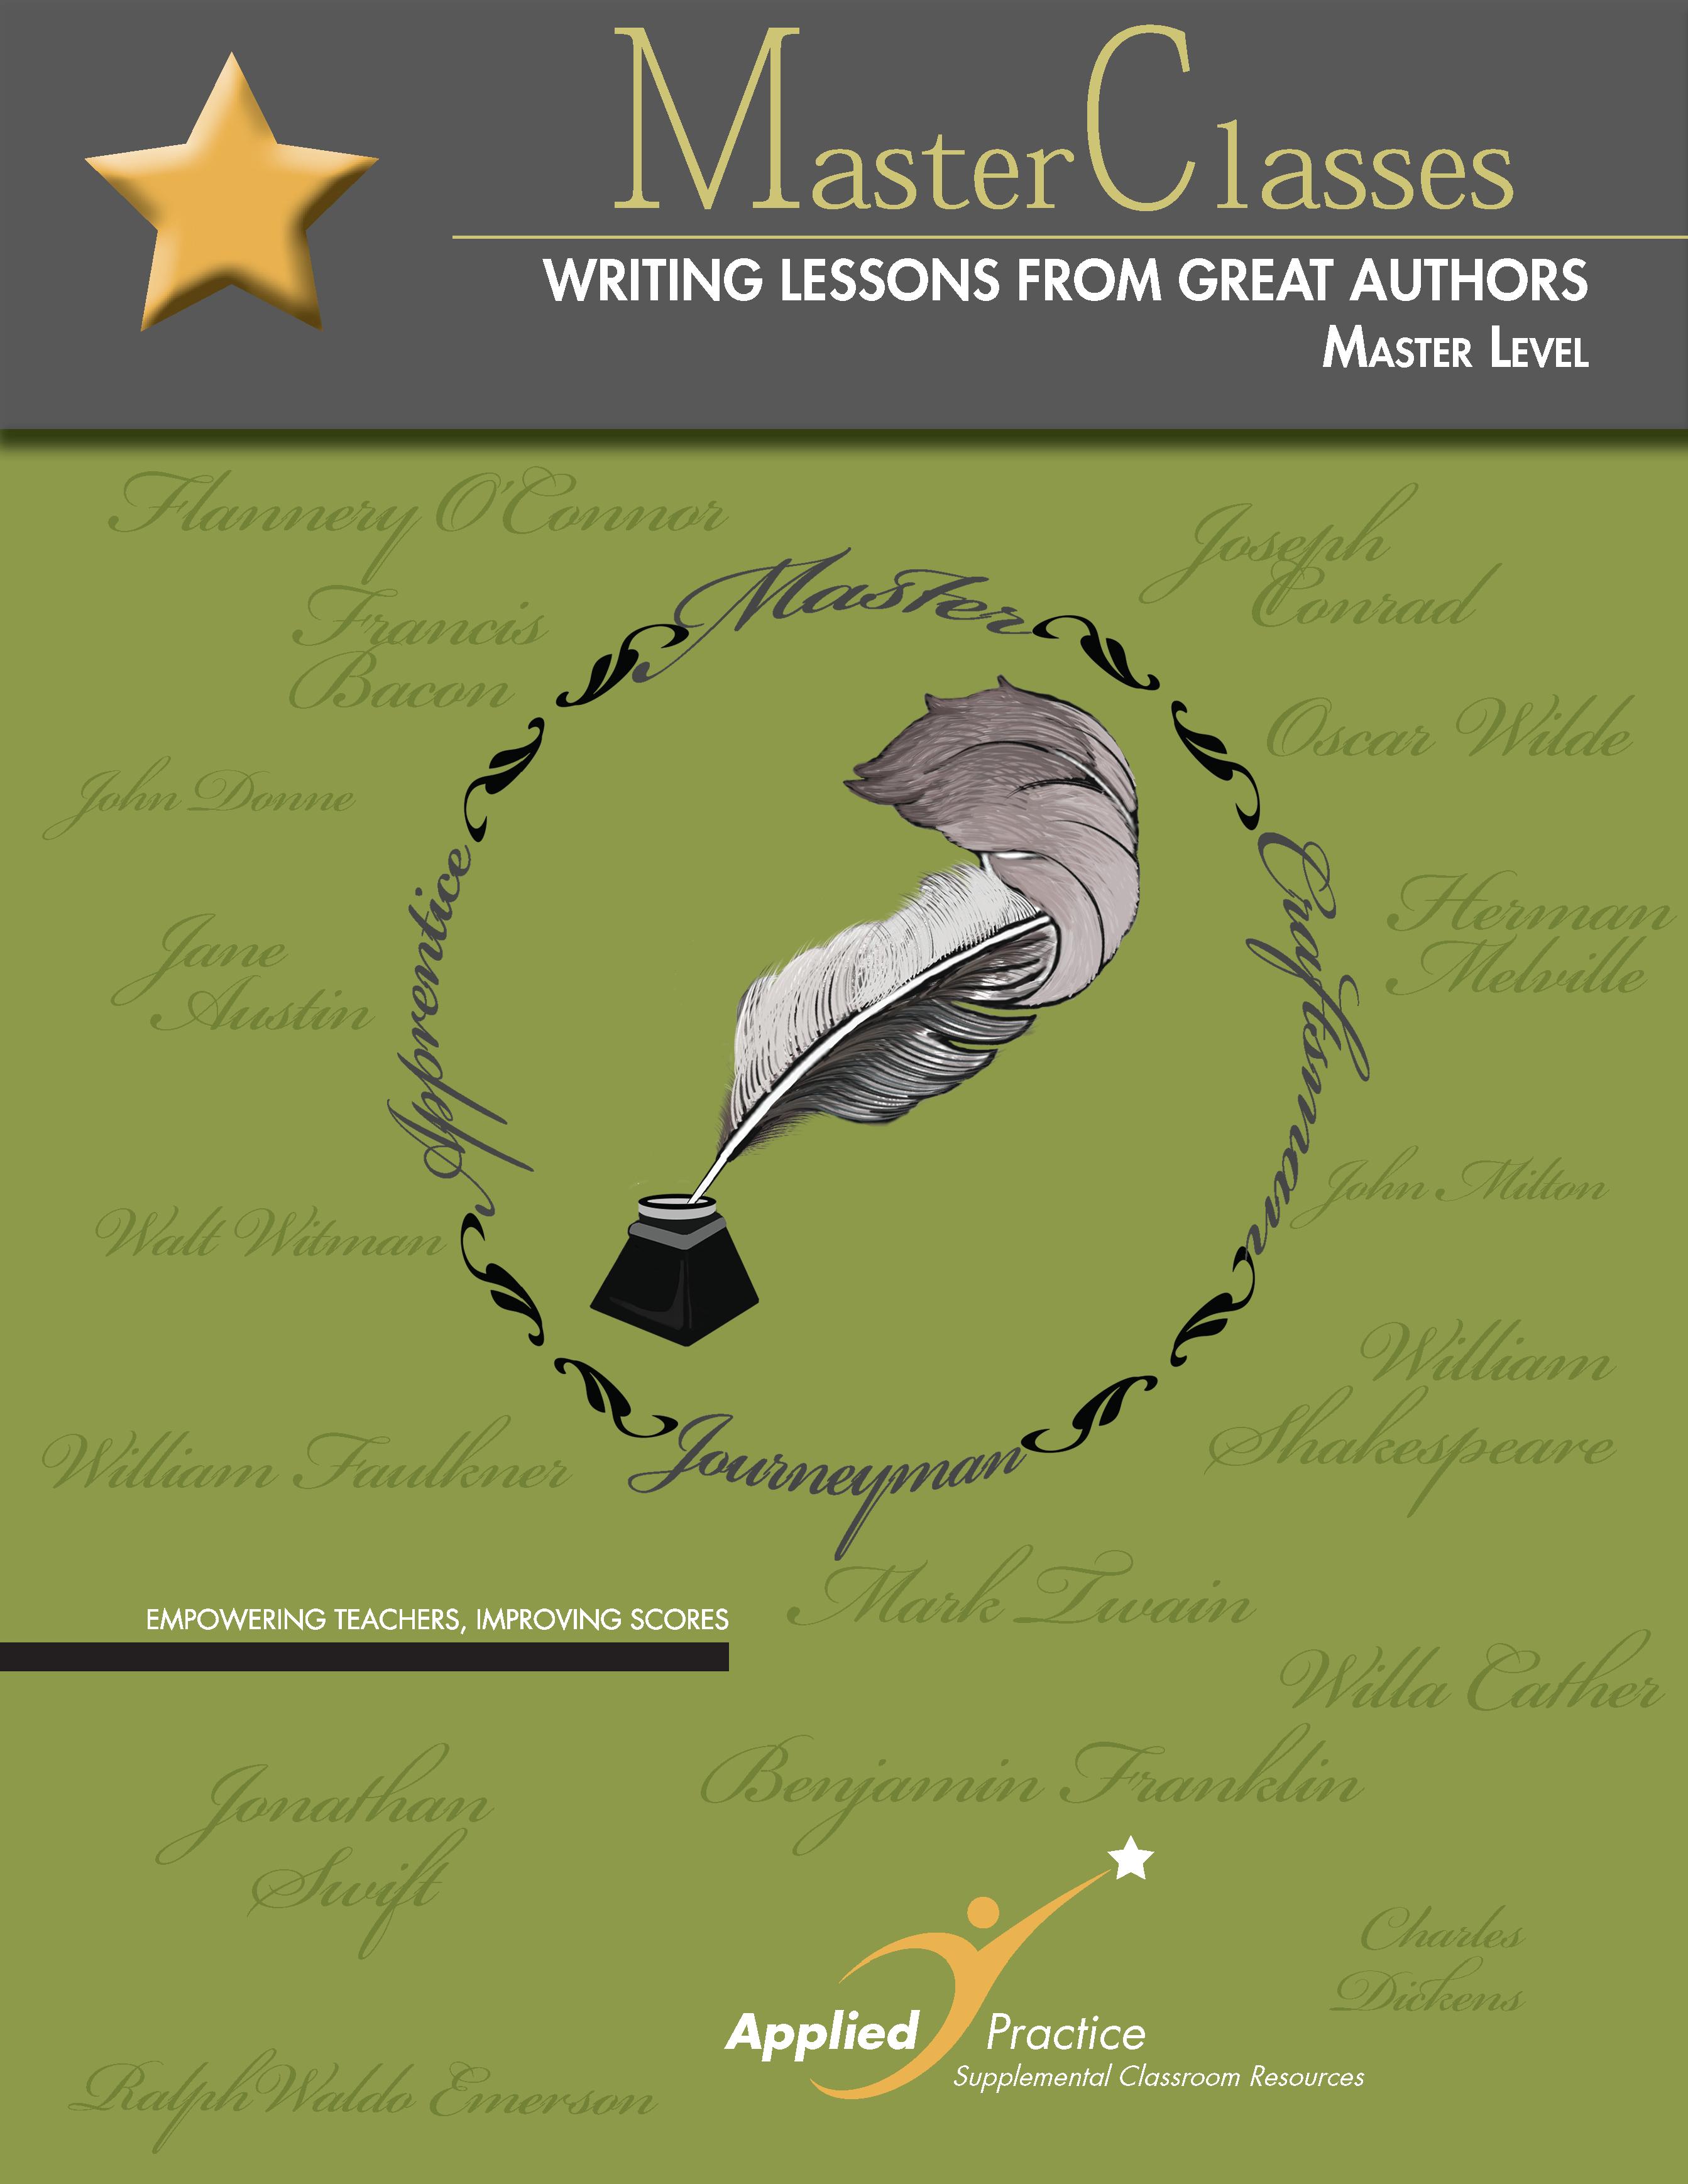 Master level writers